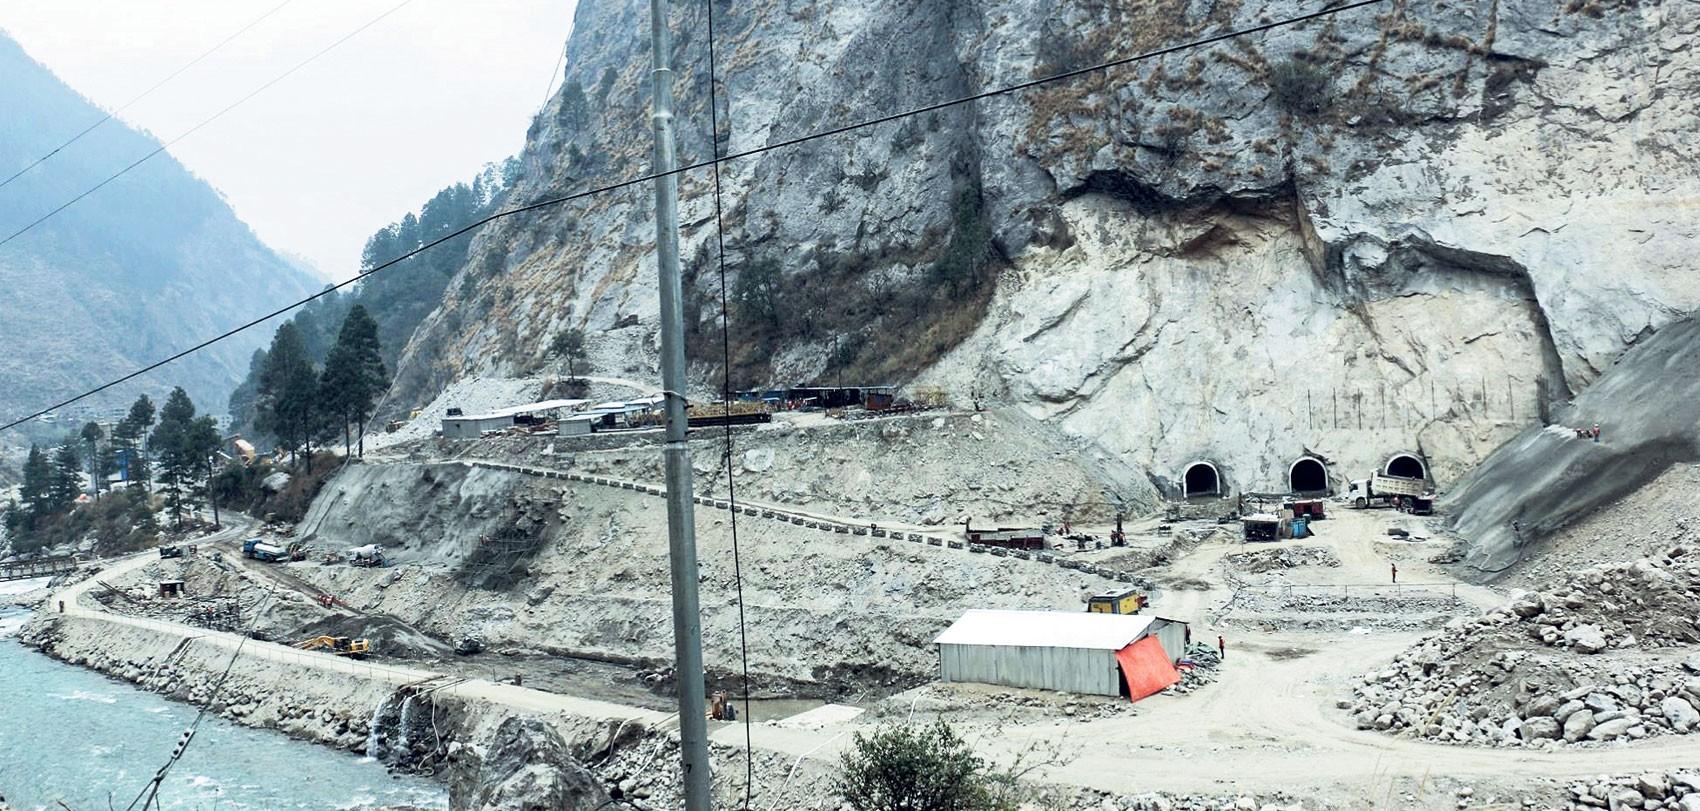 रसुवागढी जलविद्युत् आयोजनाको सुरुङभित्र थुनिएका १७ मजदुरकाे यसरी गरियो उद्धार